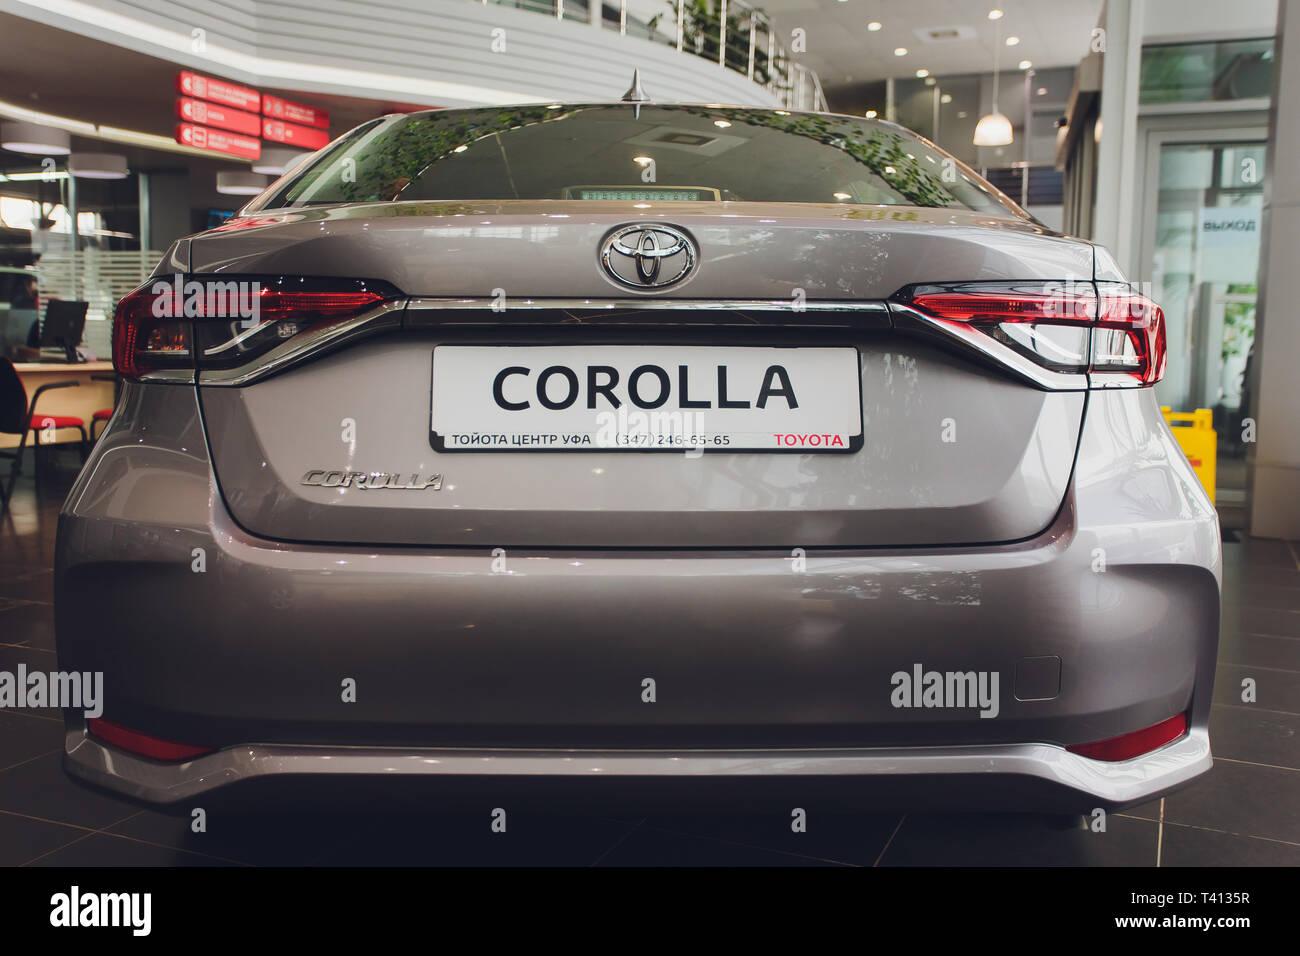 Kelebihan Kekurangan All New Corolla Tangguh